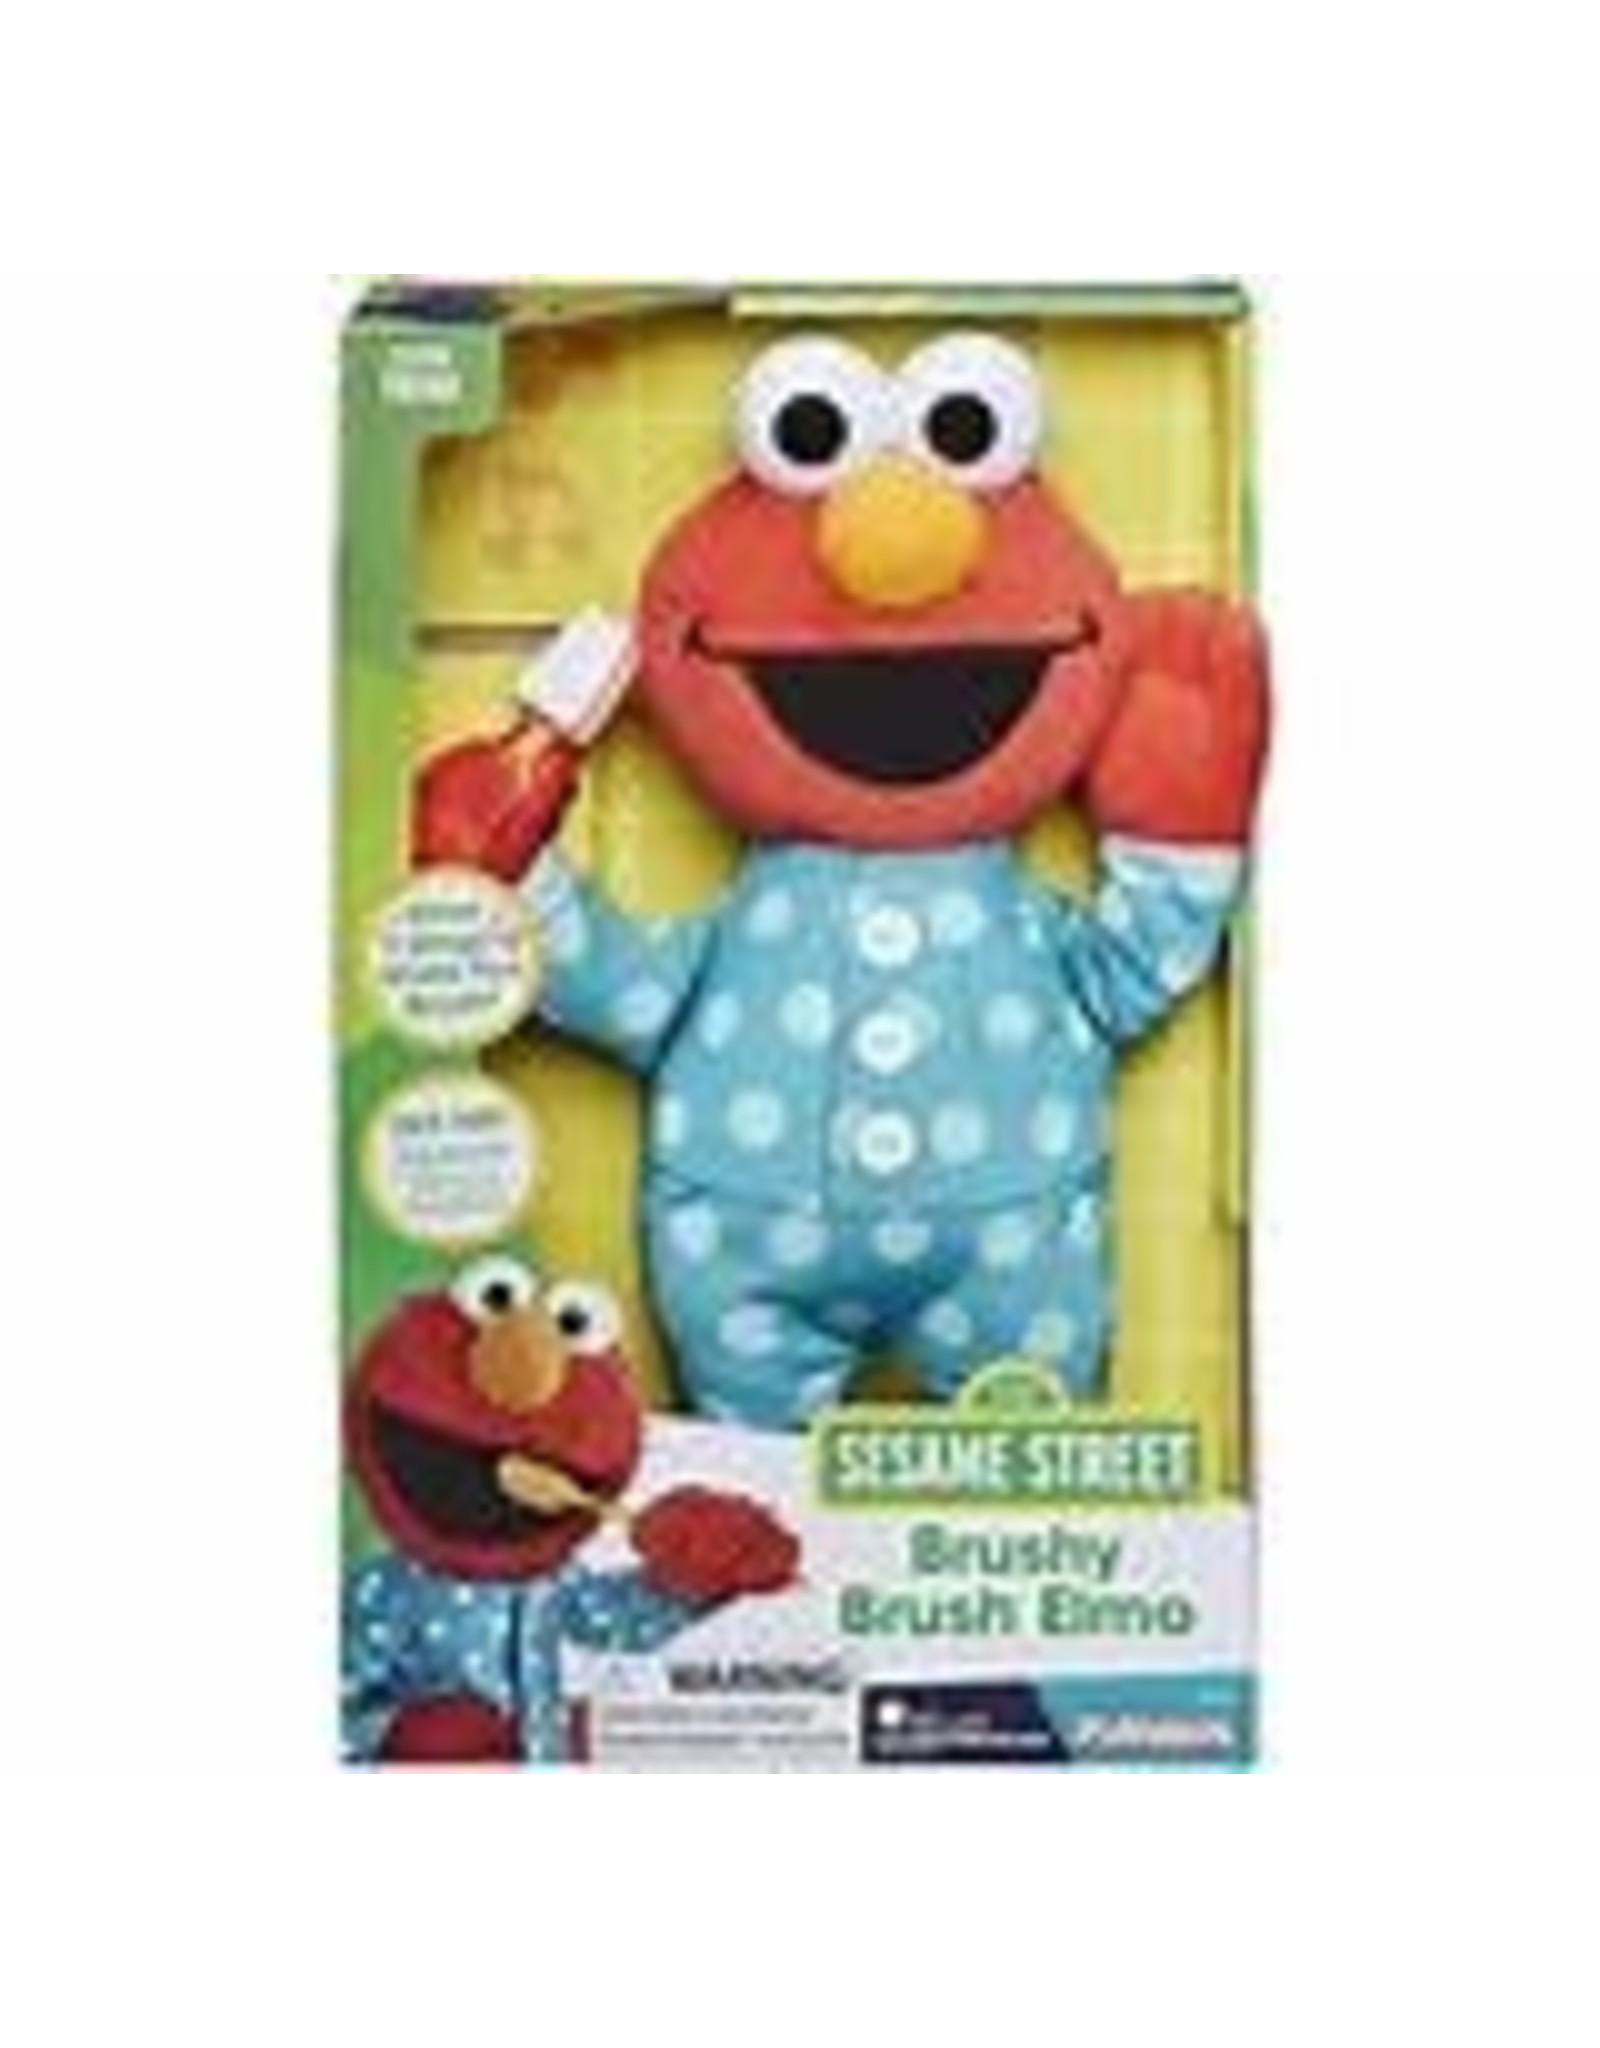 Hasbro Brushy Brush Elmo